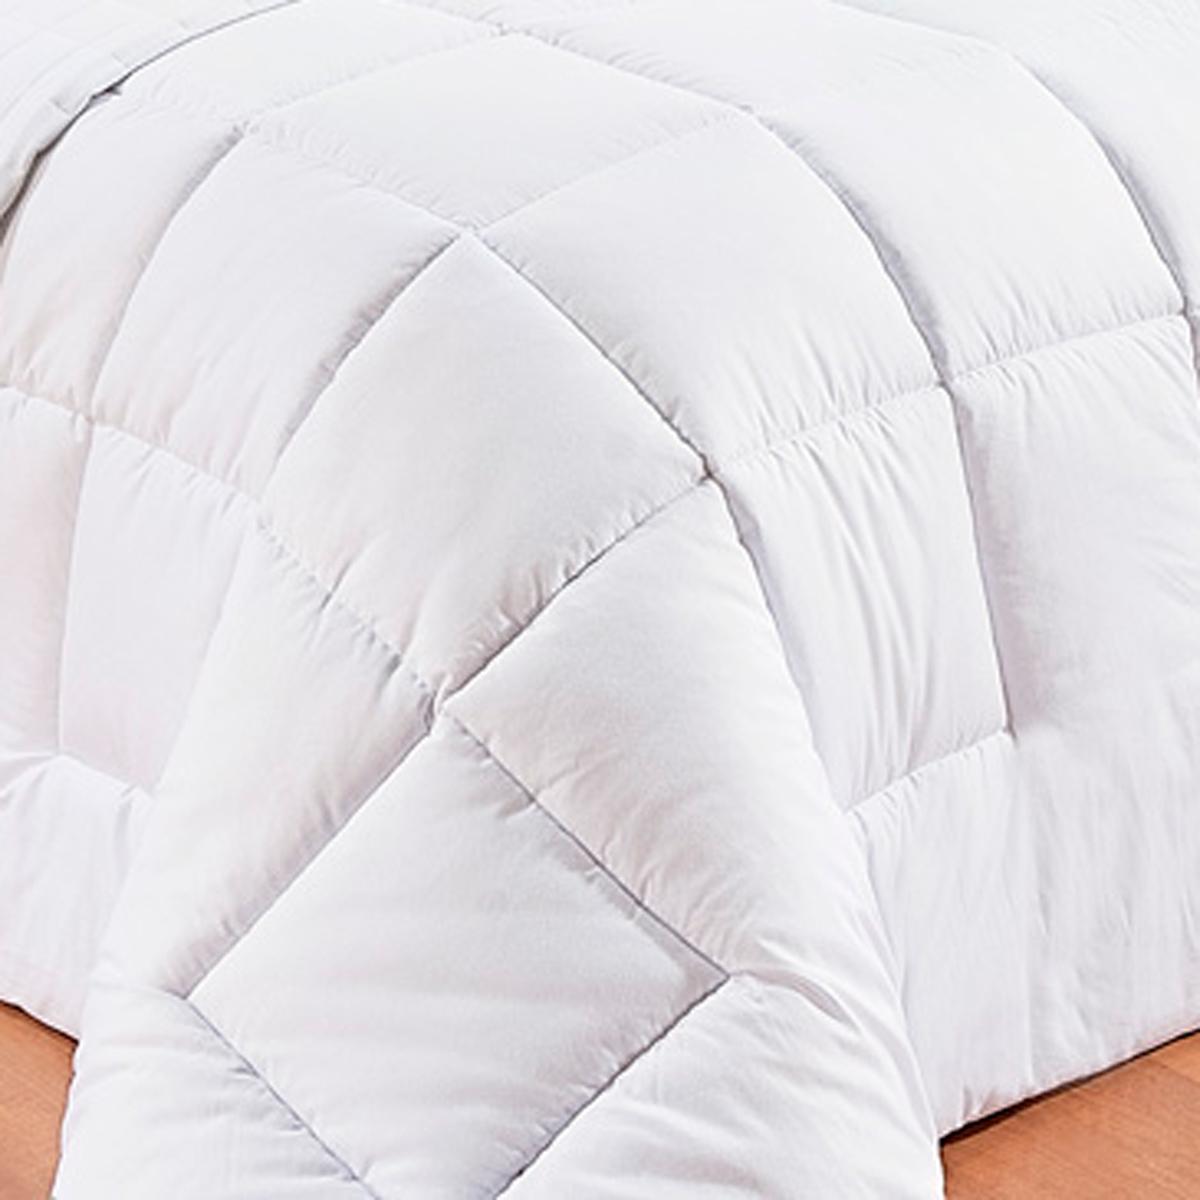 Edredom de Cama Cama Super King Size Branco Percal 200 fios - Edredom Pratic